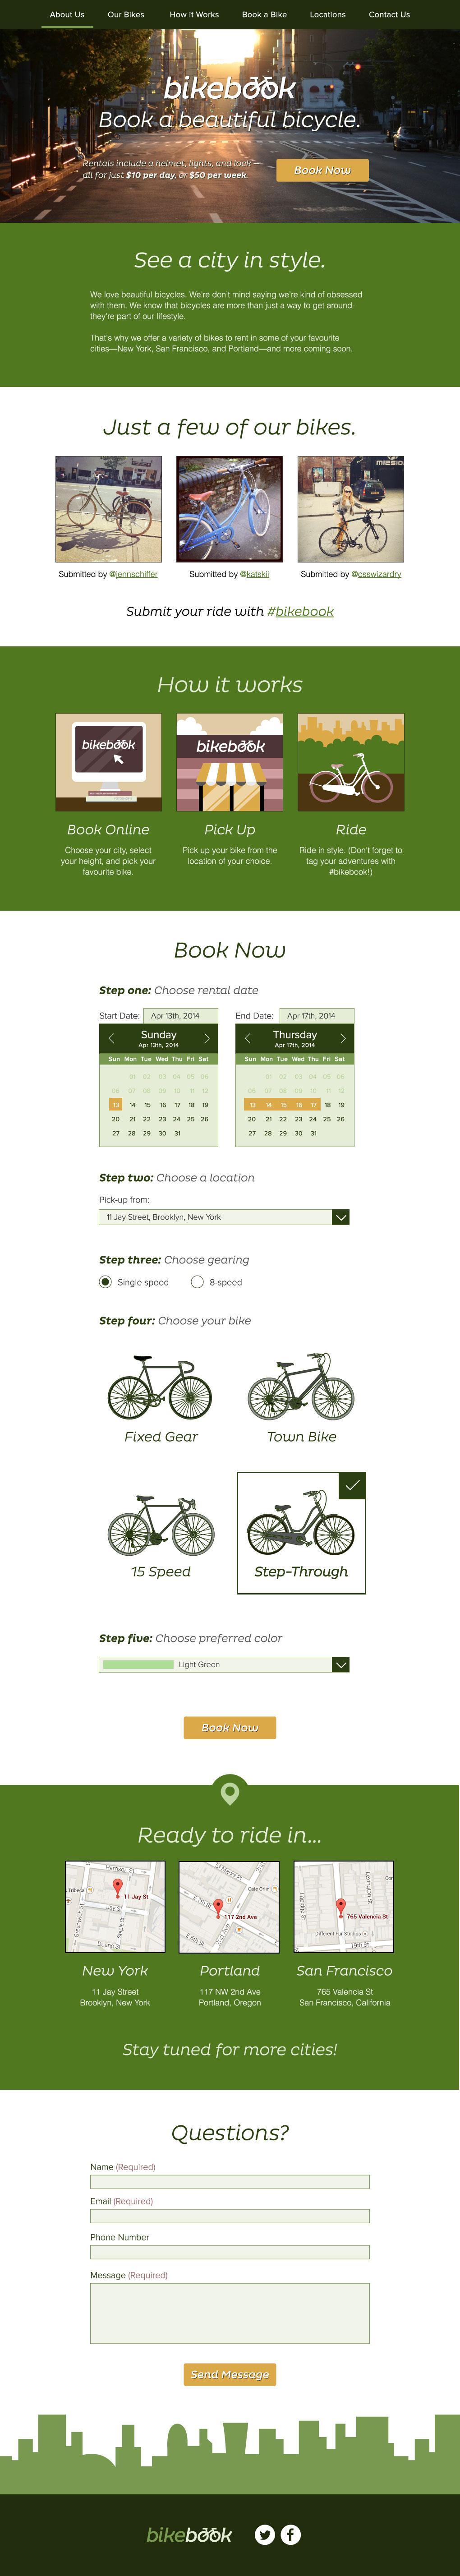 BikeBook Website - Moonrise Kingdom Inspired - image 7 - student project